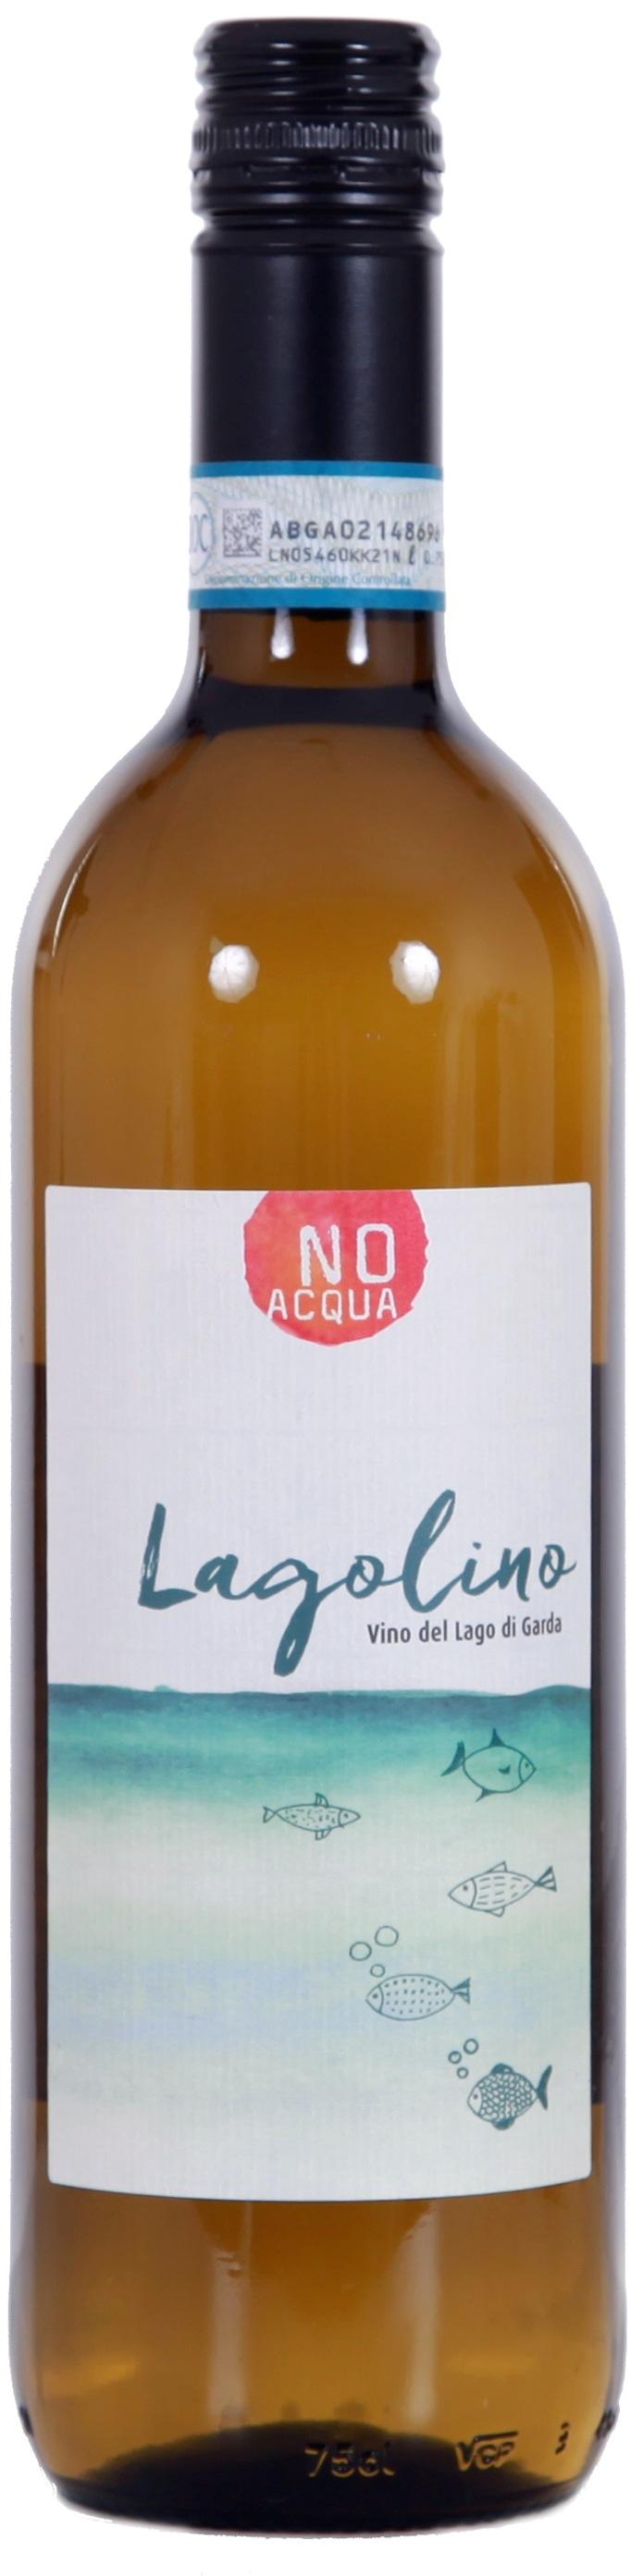 2019 Lagolino Garda DOC - No Acqua